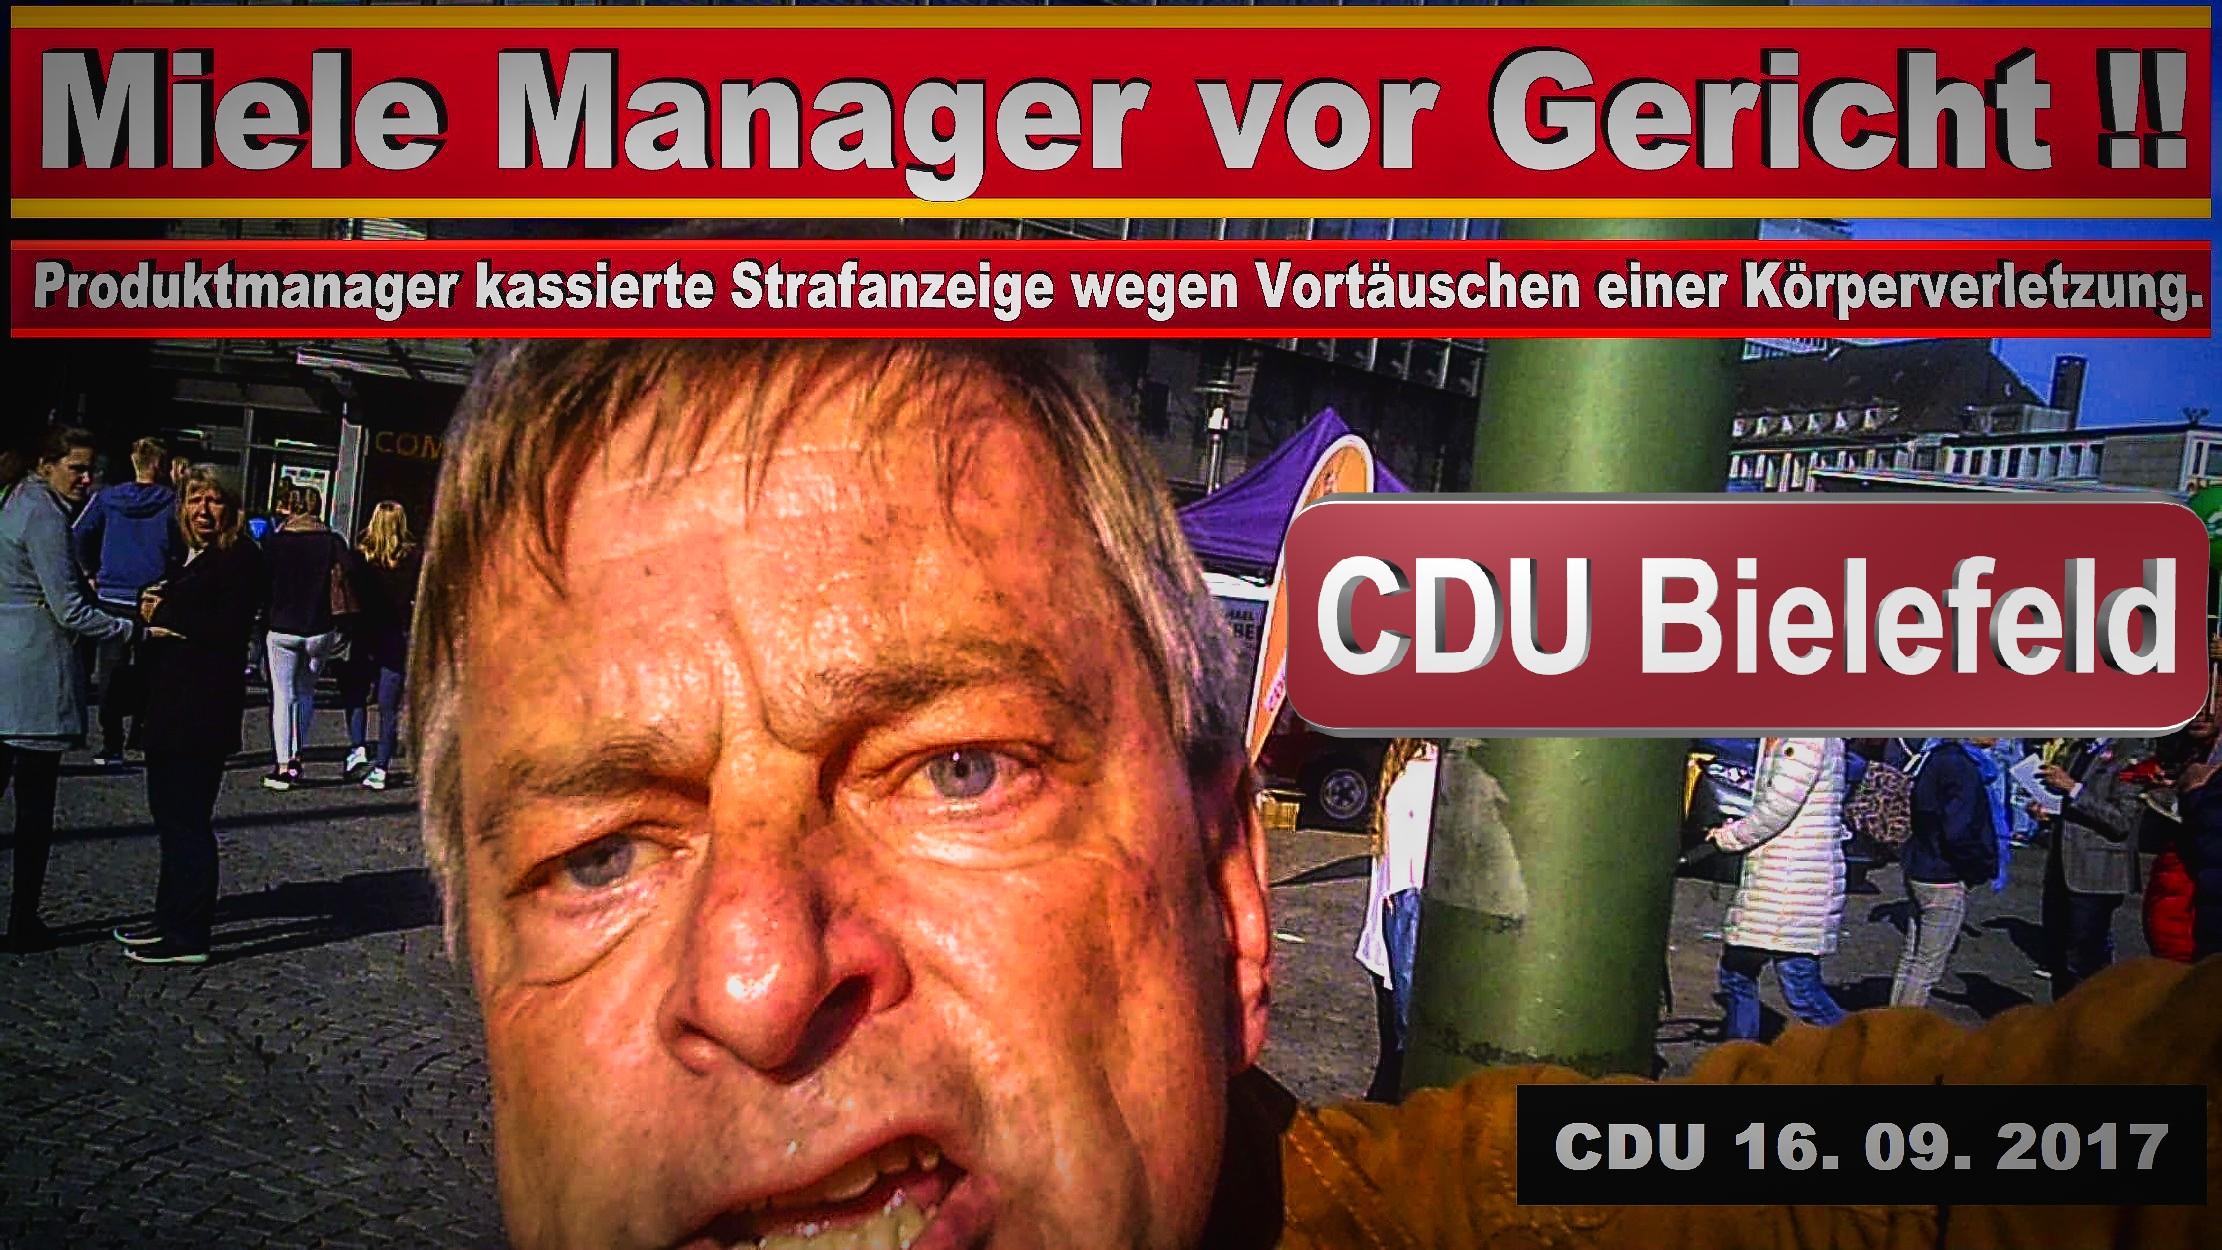 MICHAEL WEBER MIELE GüTERSLOH CDU BIELEFELD POLIZEIGEWALT GEWALTAUSBRUCH UND STRAFANZEIGE GEGEN EINEN JOURNALISTEN (FGJN1) EDIT